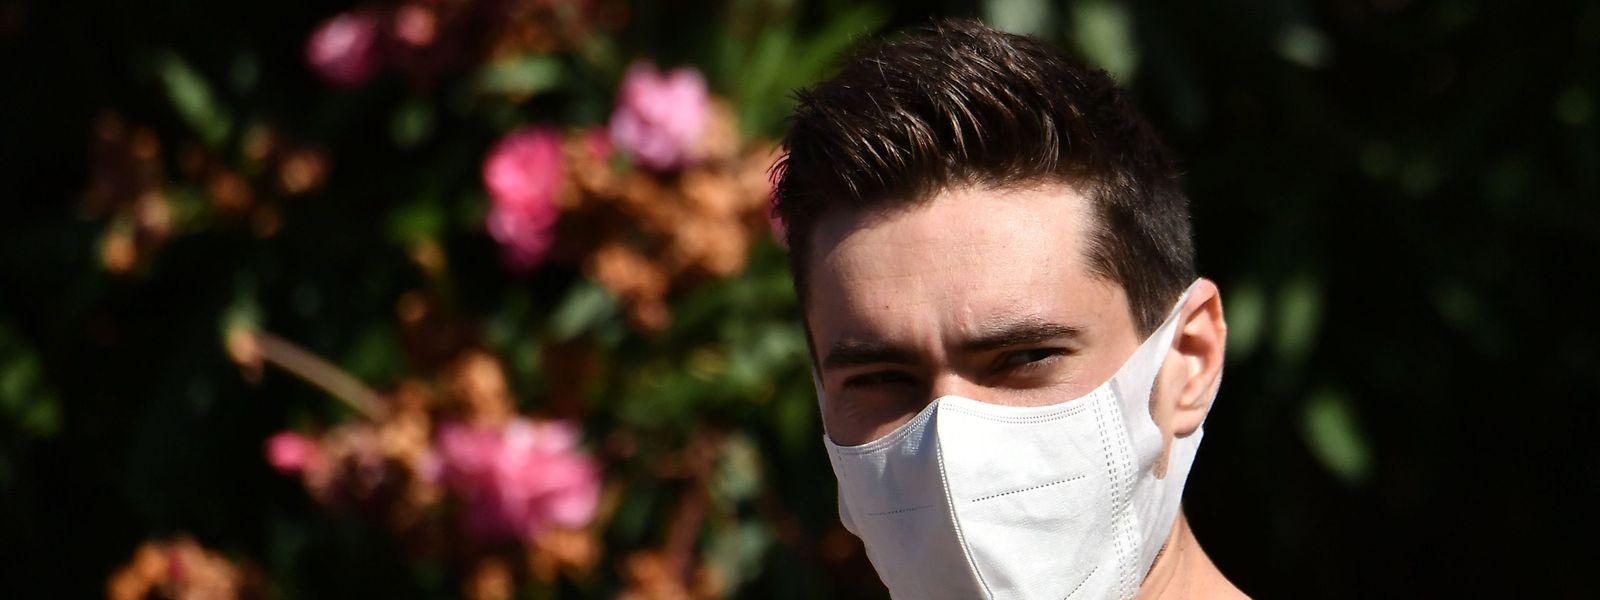 Tom Dumoulin hat beim Critérium du Dauphiné negative Erfahrungen mit maskenlosen Zuschauern gemacht.